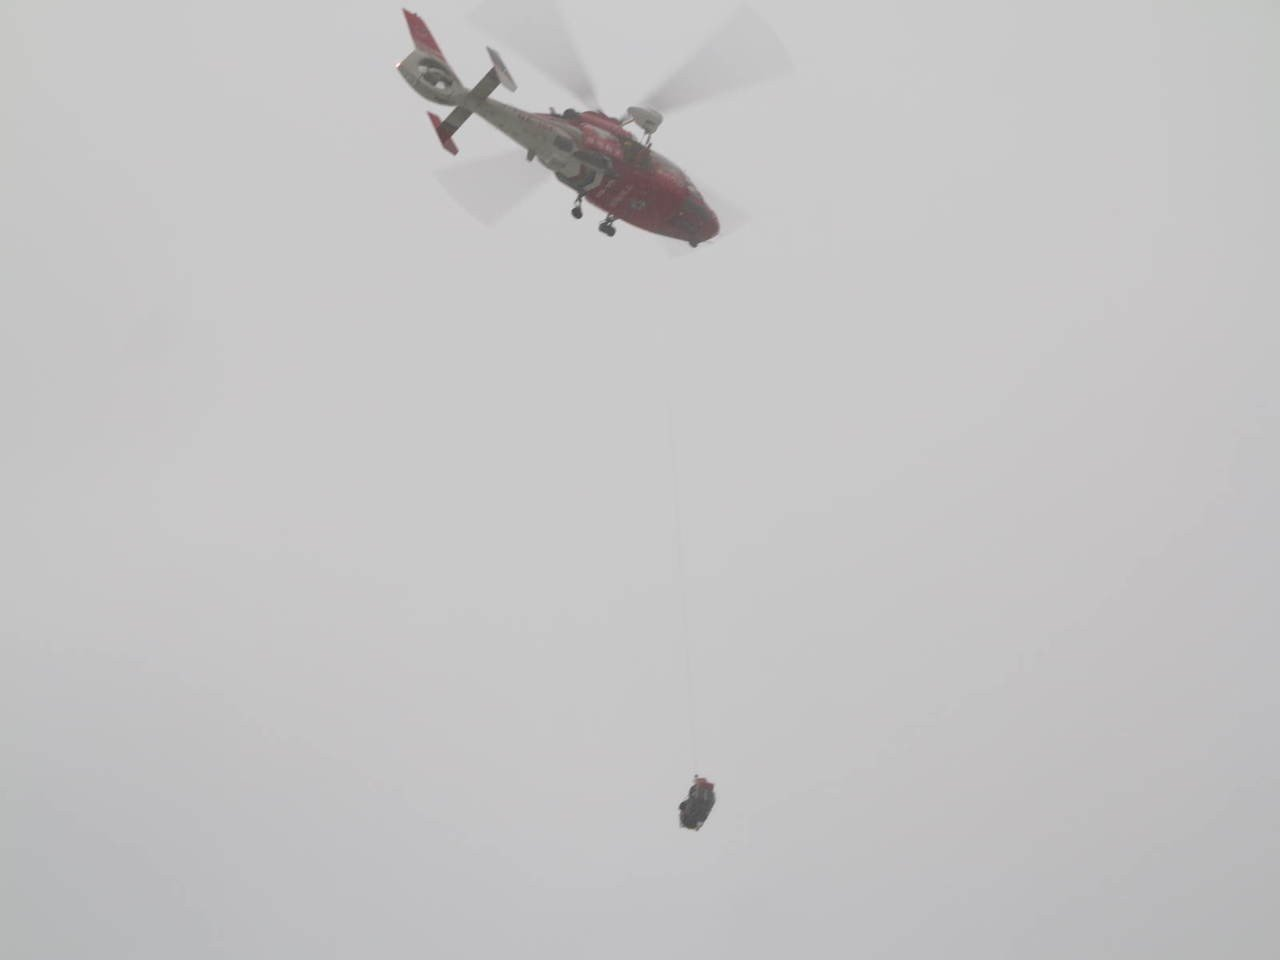 海巡署特勤隊員柯姓士官長,今傍晚支援空中勤務總隊,援救彭佳嶼海域的救援任務時,疑...